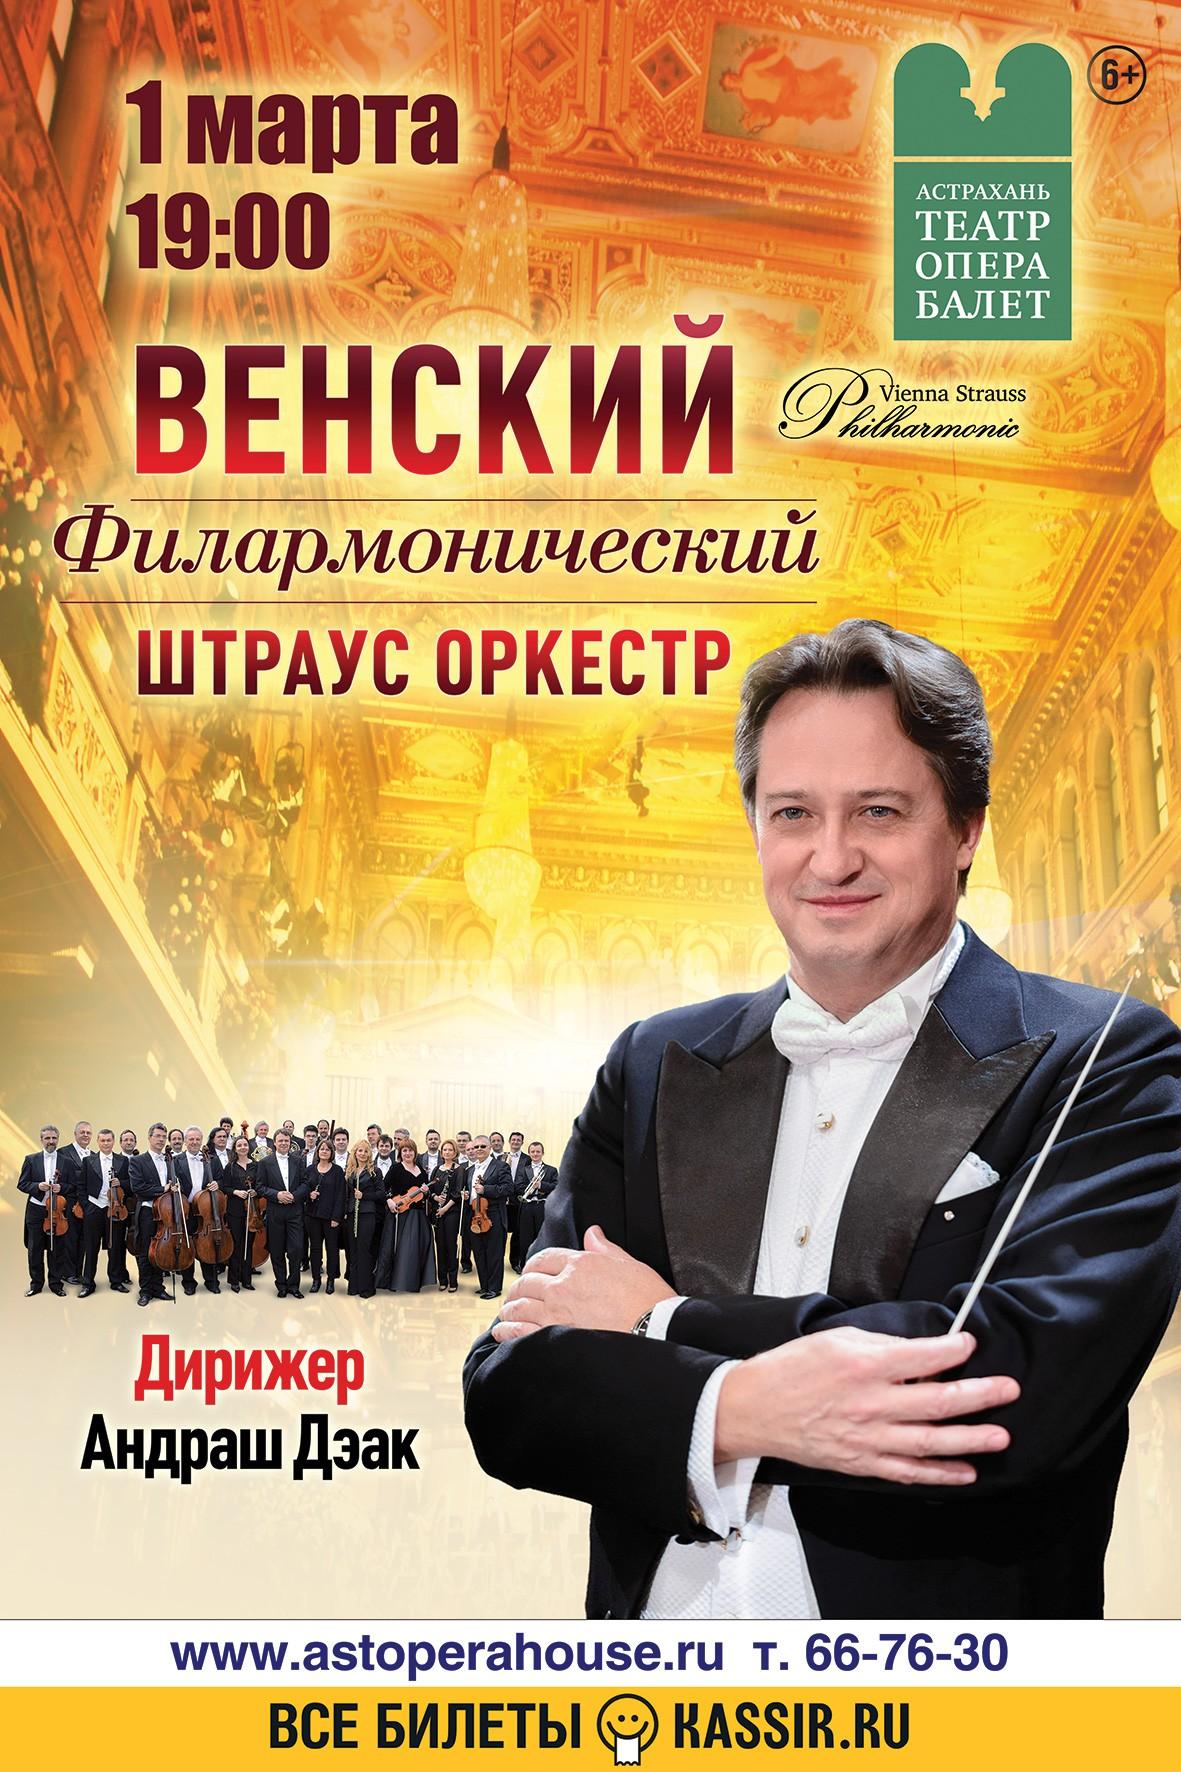 Концерт Венского филармонического Штраус оркестра